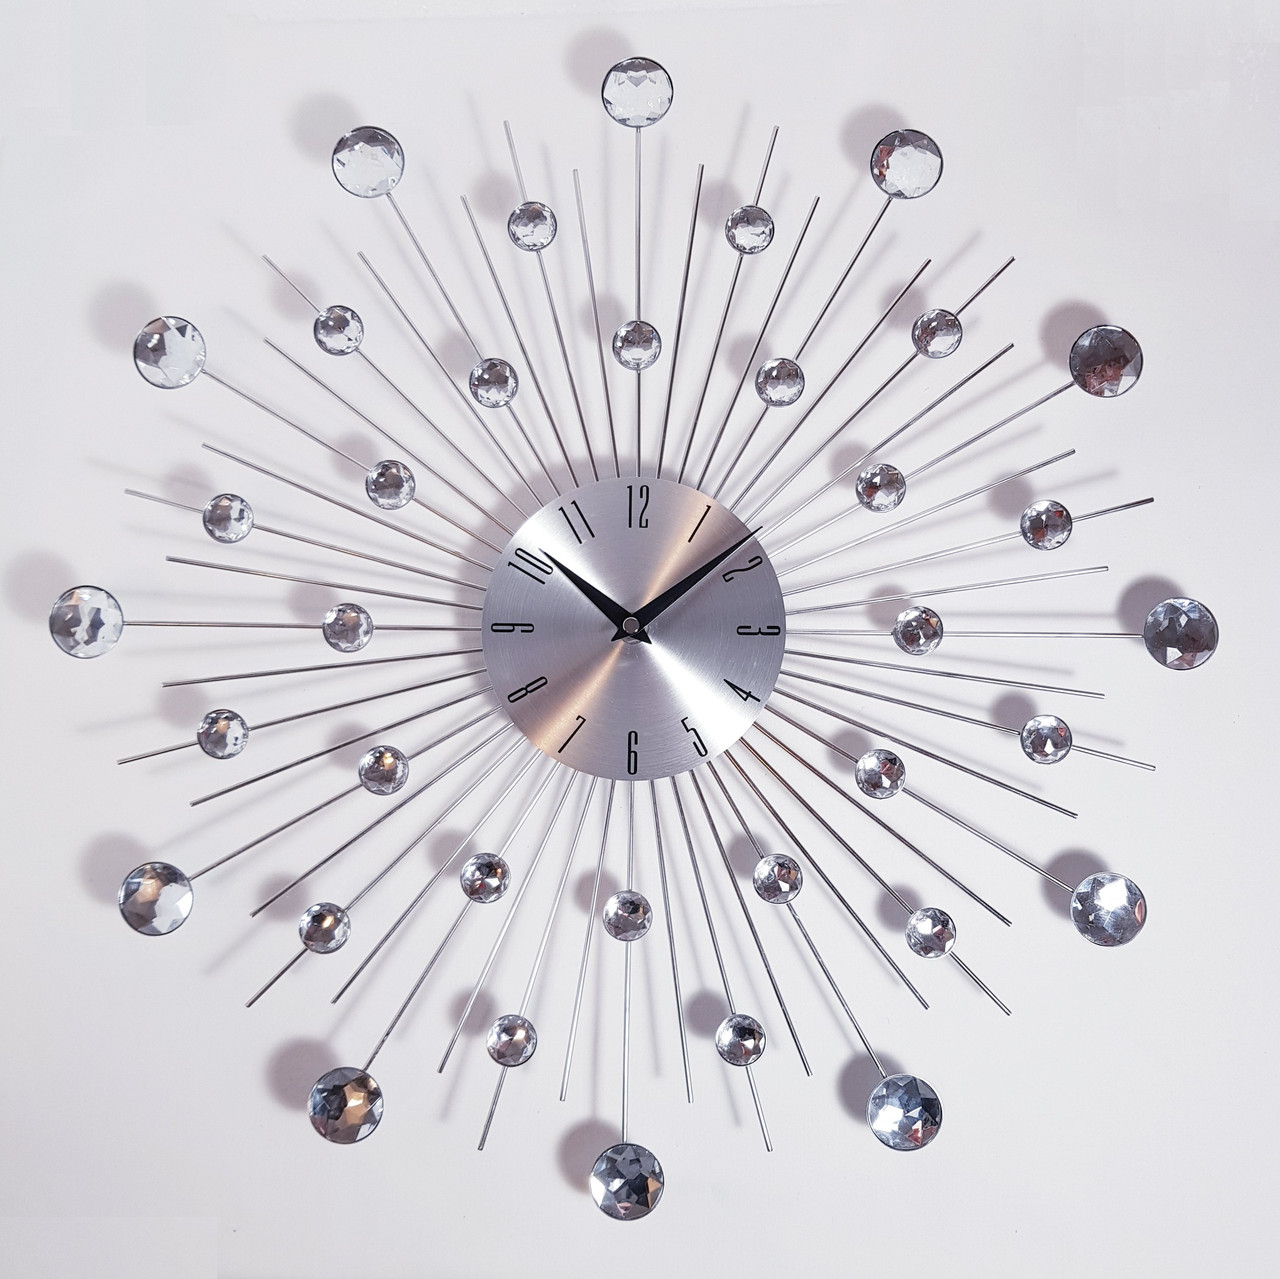 """Настенные часы (50 см) бесшумные большие со стразами камнями красивые """"Солнце3 Серебро"""" [Металл] Najlepsi Cas (Чехия)"""